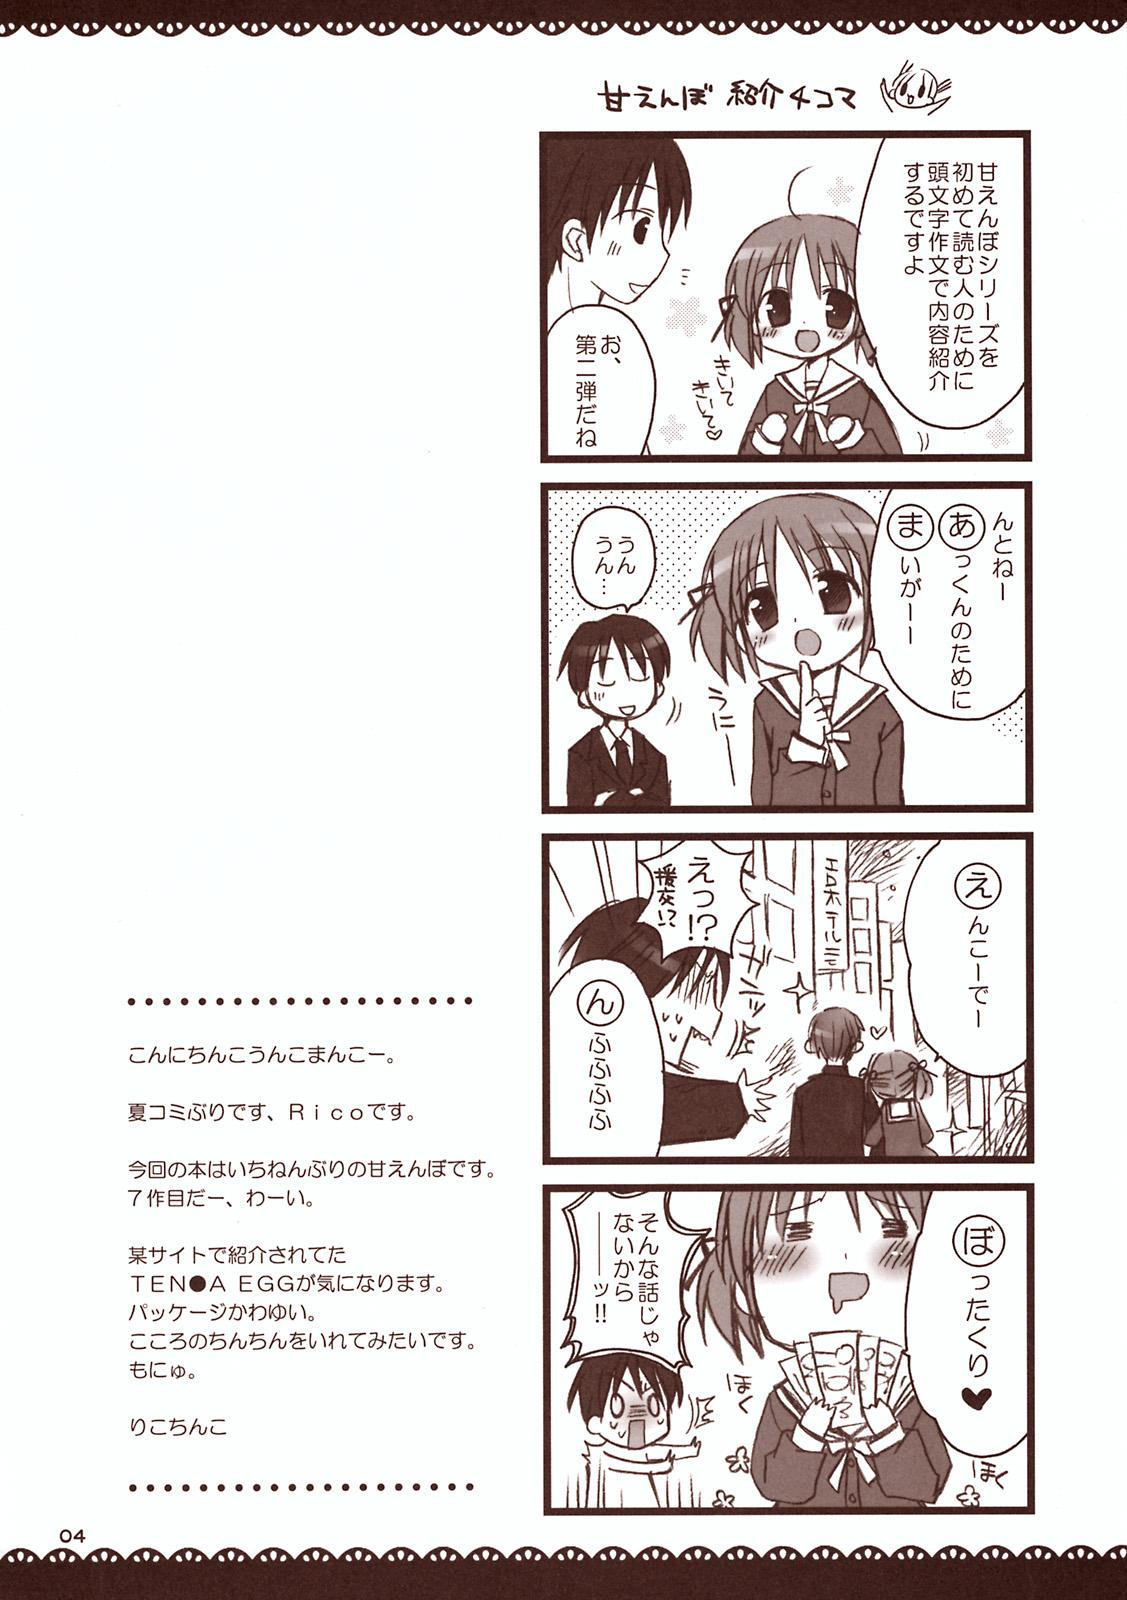 Maid-san to Amai Jikan 2